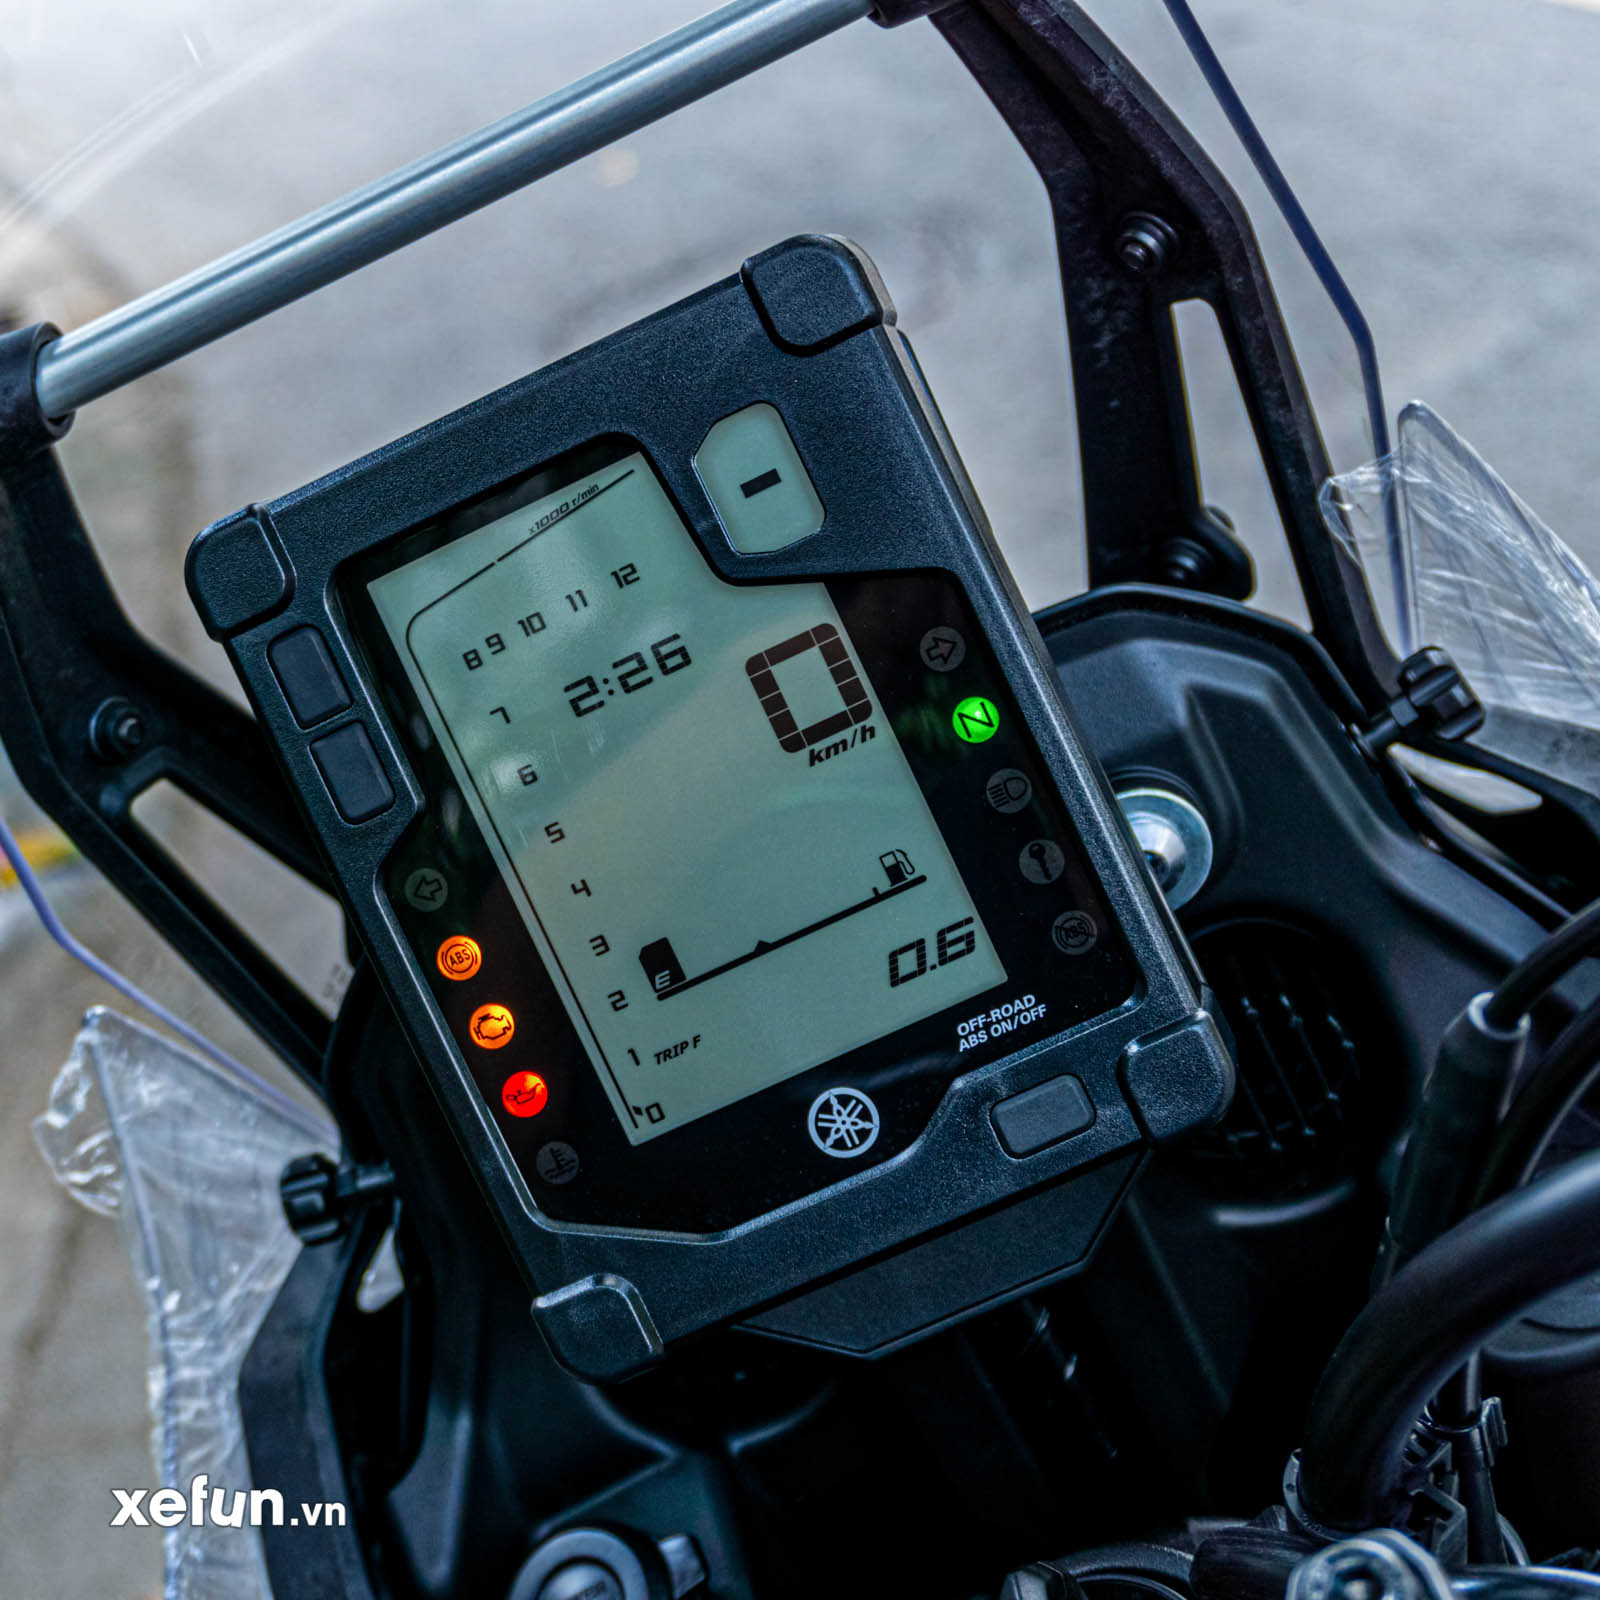 Giá bán Yamaha Tenere 700 2021 kèm thông số Việt Nam trên Xefun - 45y5y